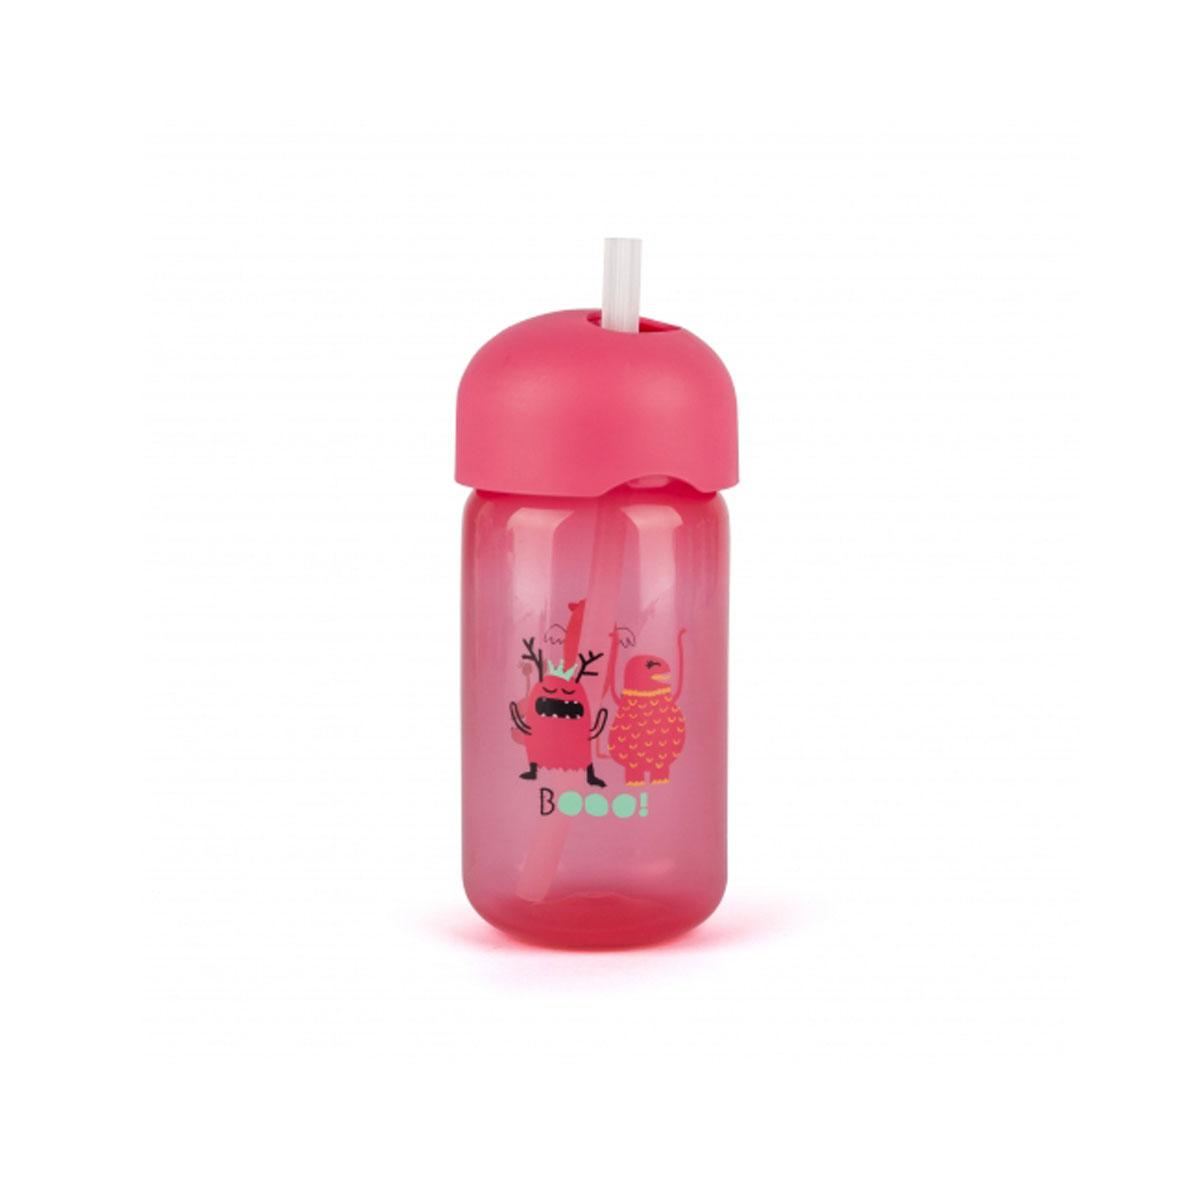 Παγουρι με καλαμάκι σιλικονης Booo pink suavinex - Mommys Baby a3f58a62314